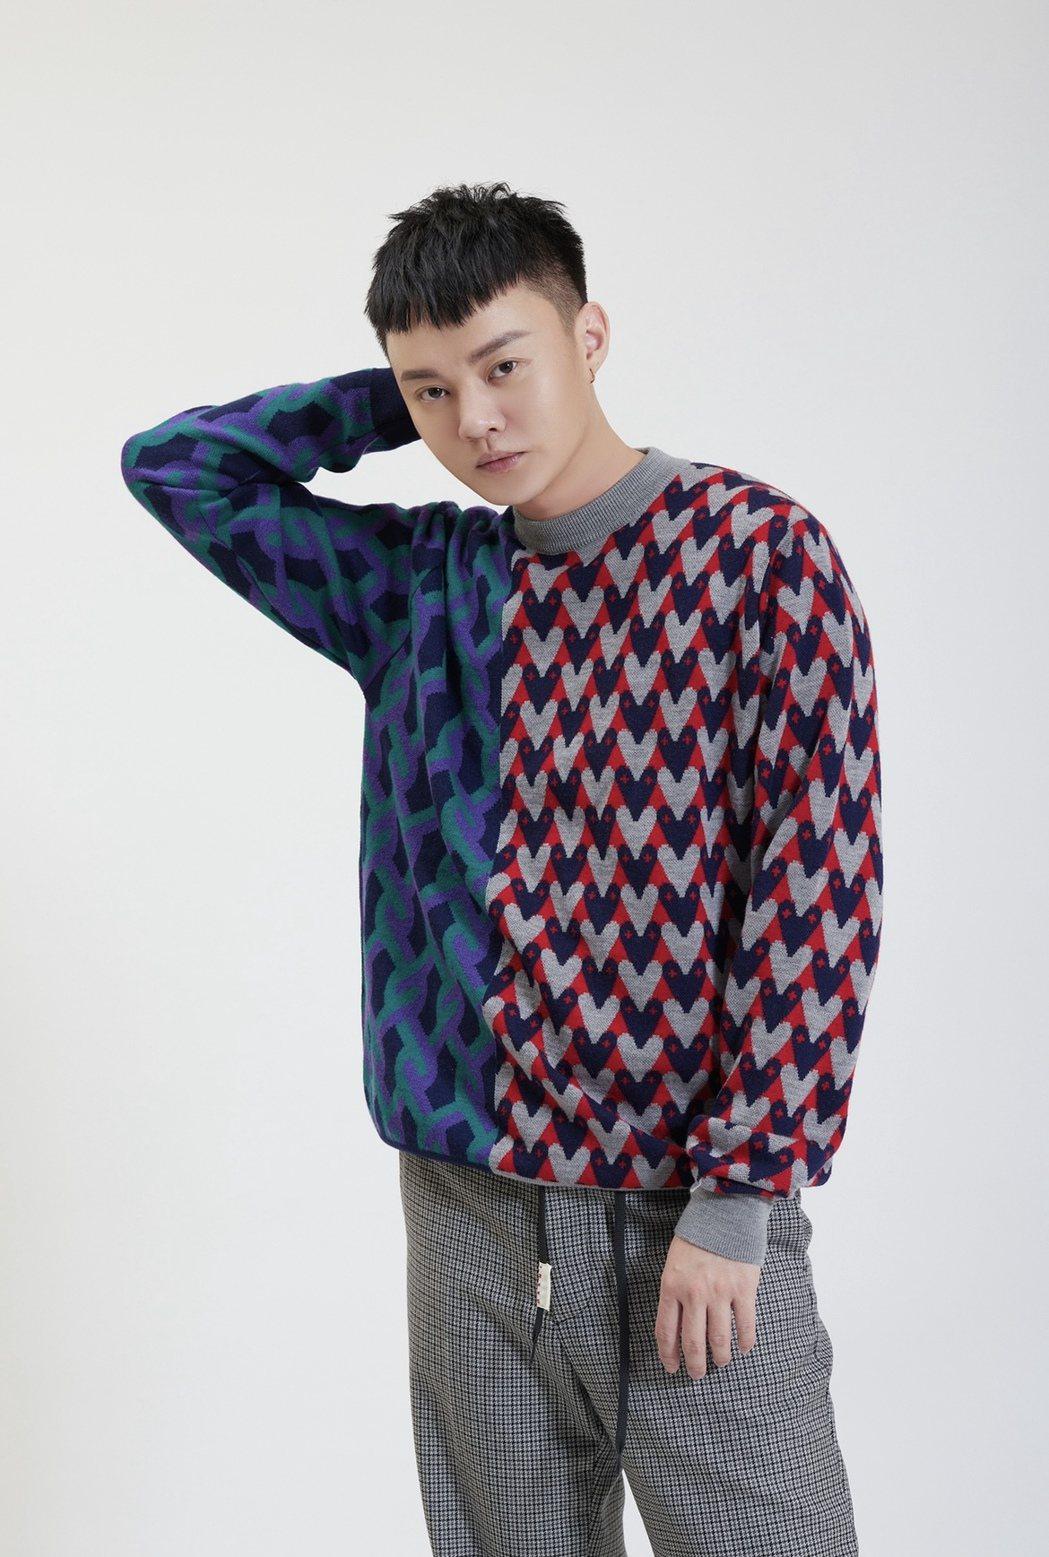 台語歌王許富凱確定將於12月4日首度登上台北小巨蛋舉辦「拾歌」演唱會。圖/凱聲影